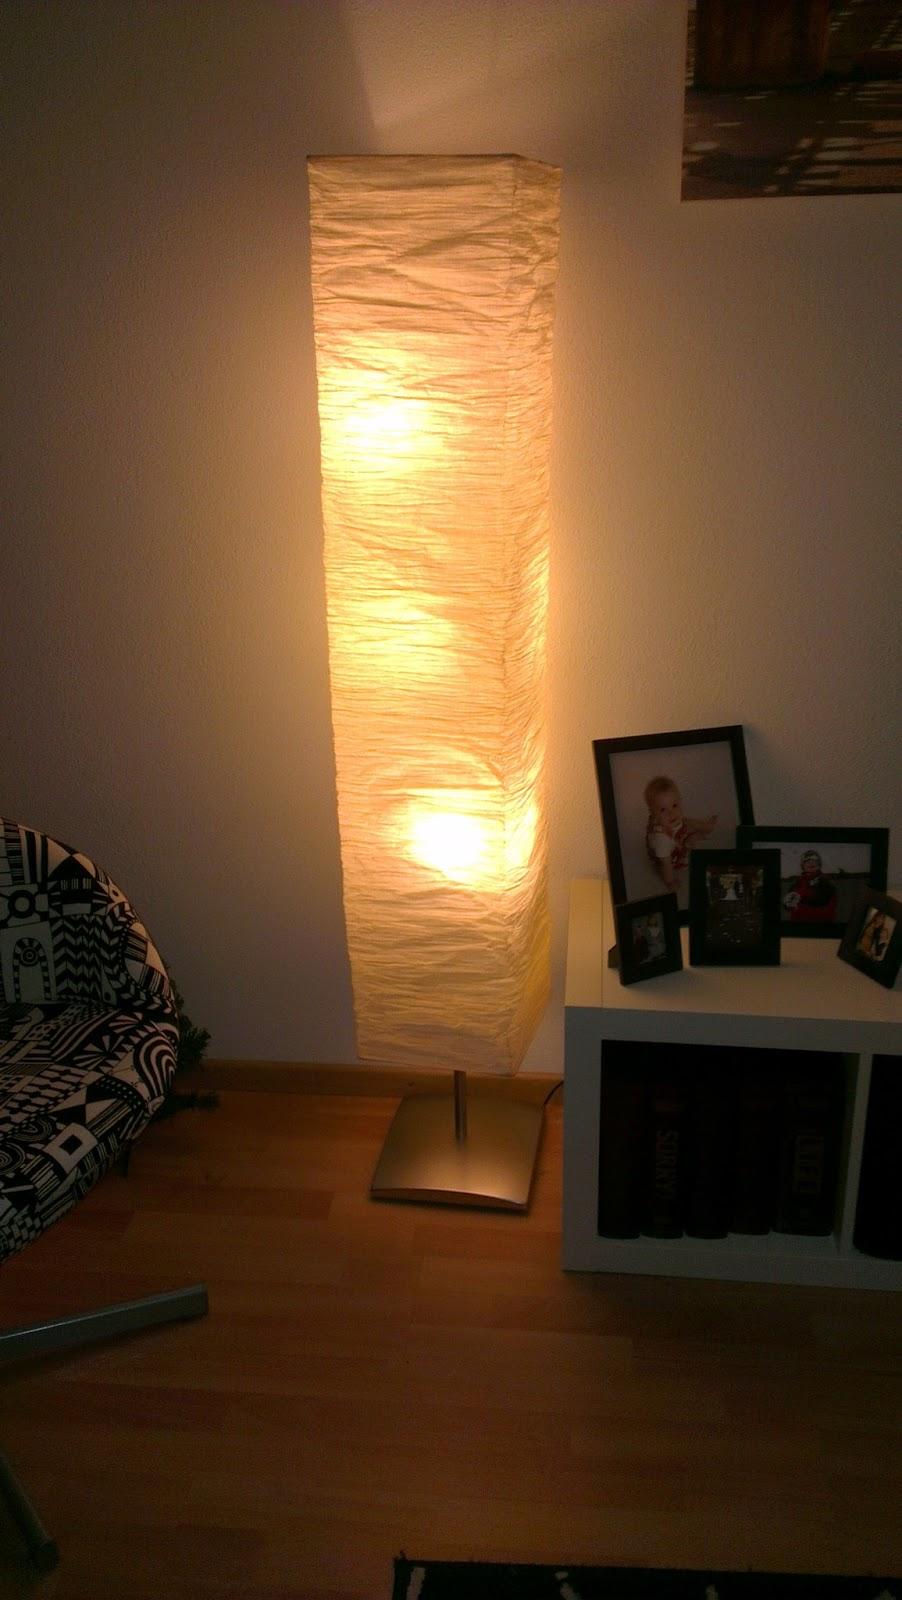 Ikea Grundtal Hanging Pot Rack ~ Ace the Adventure IKEA Vrijdag Orgel Vreten Staand Lamp Floor Lamp